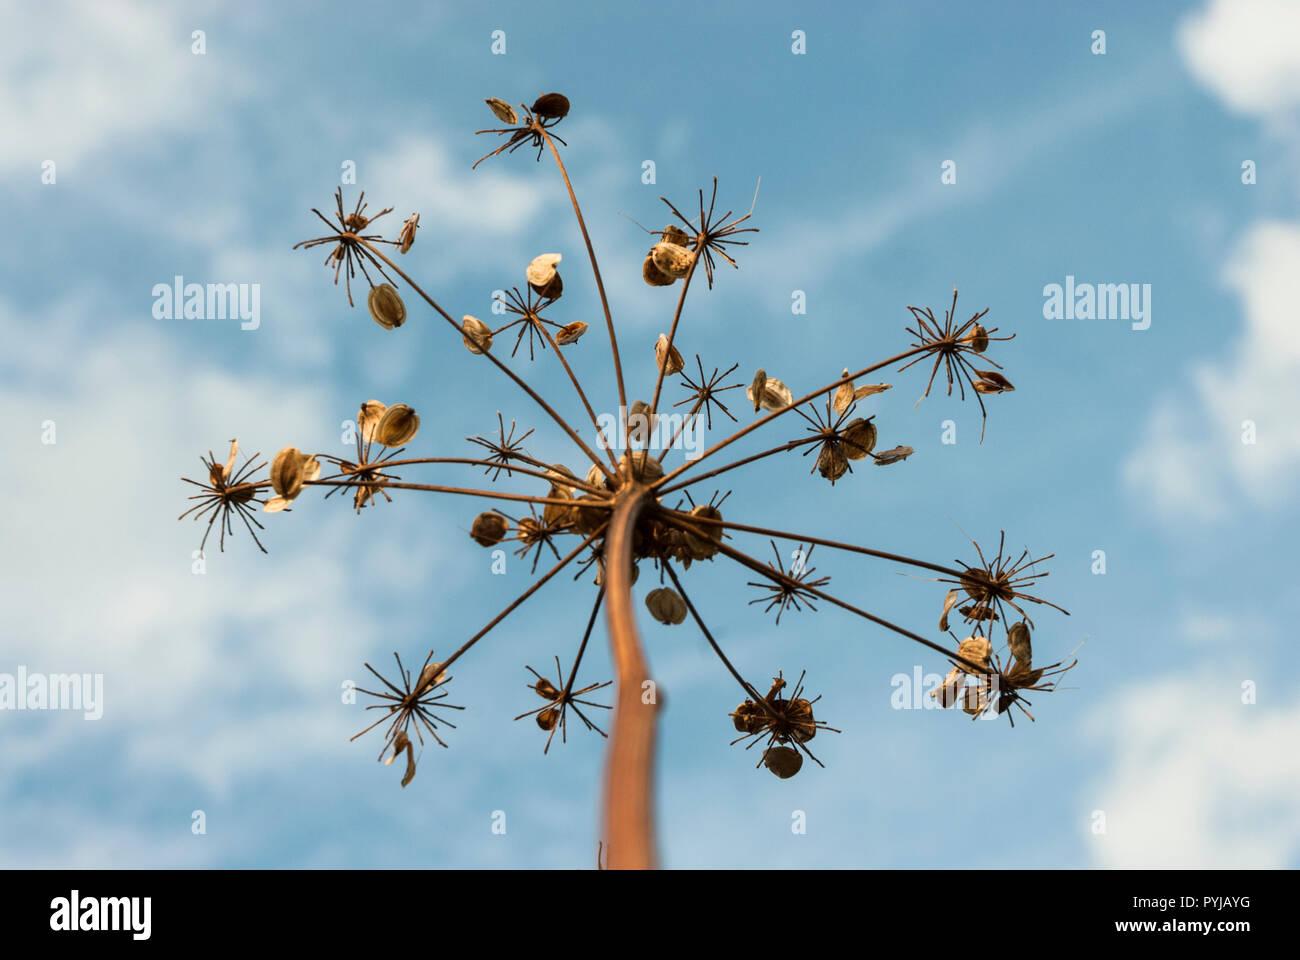 Pastinaca semi attaccato agli steli del essiccato pastinaca fiore (come ombrello raggi) contro un cielo blu con nuvole soffici. Immagini Stock